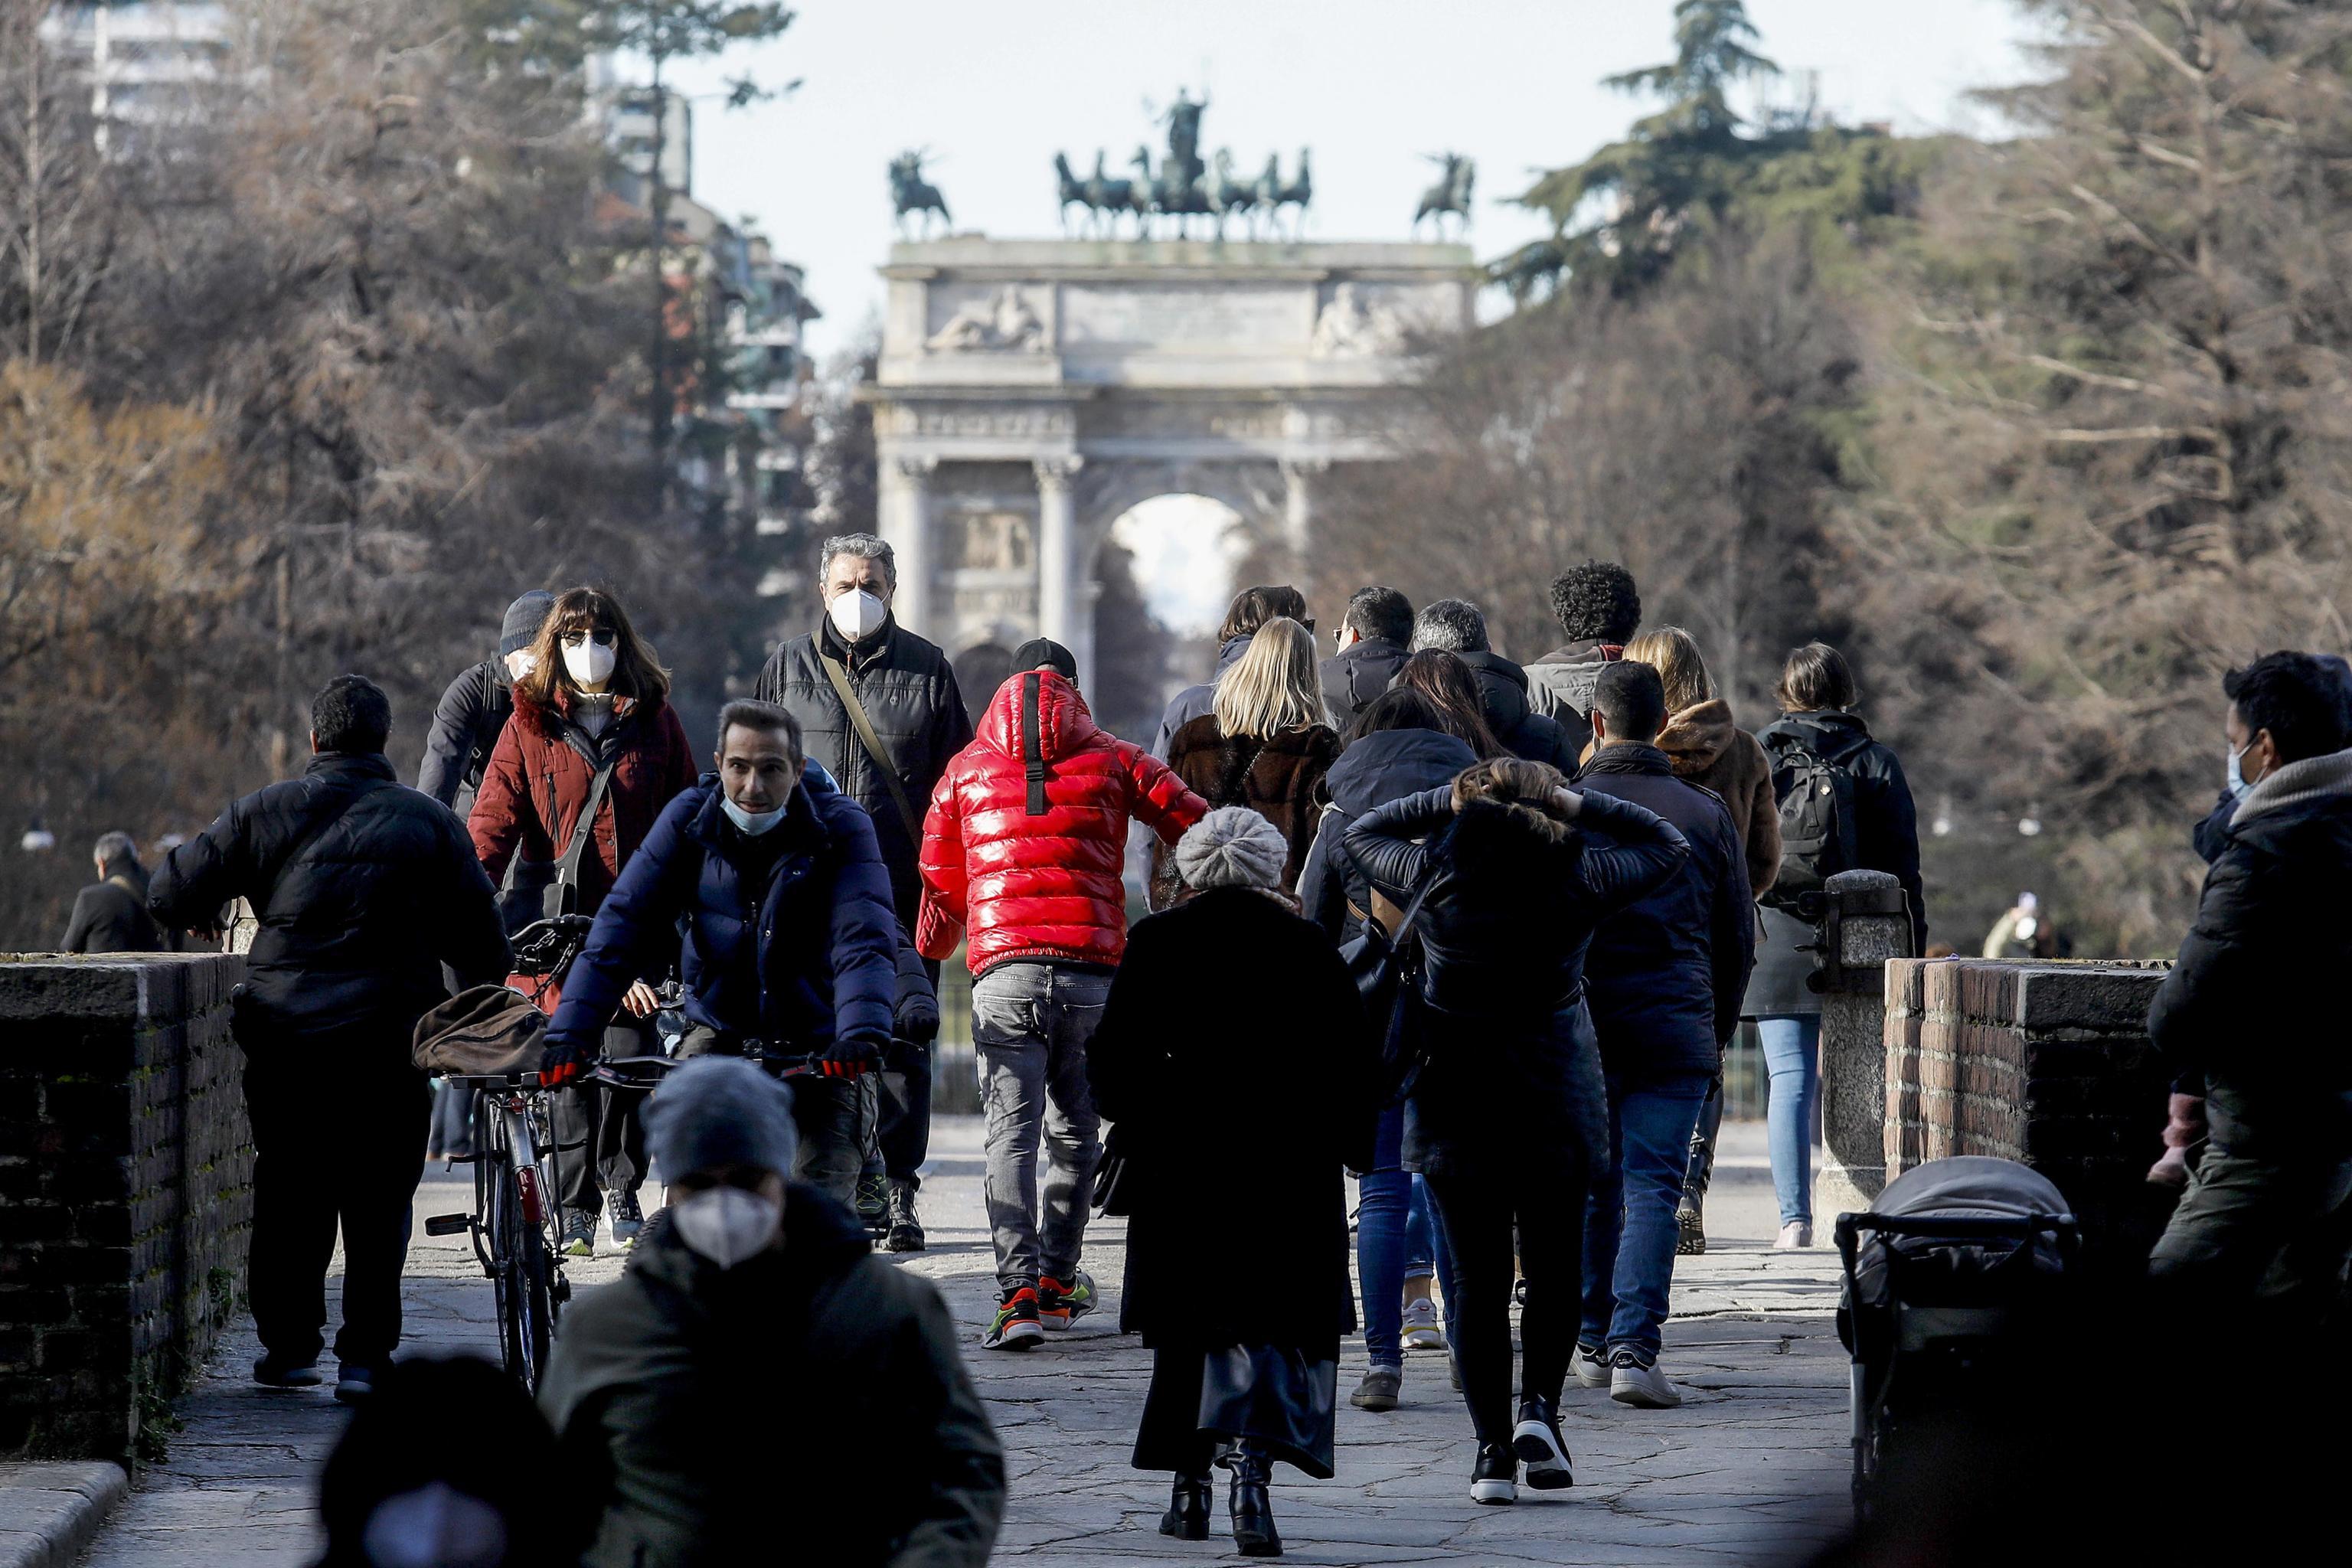 İtalya'da son 24 saatte korona virüs nedeniyle 299 kişi hayatını kaybetti